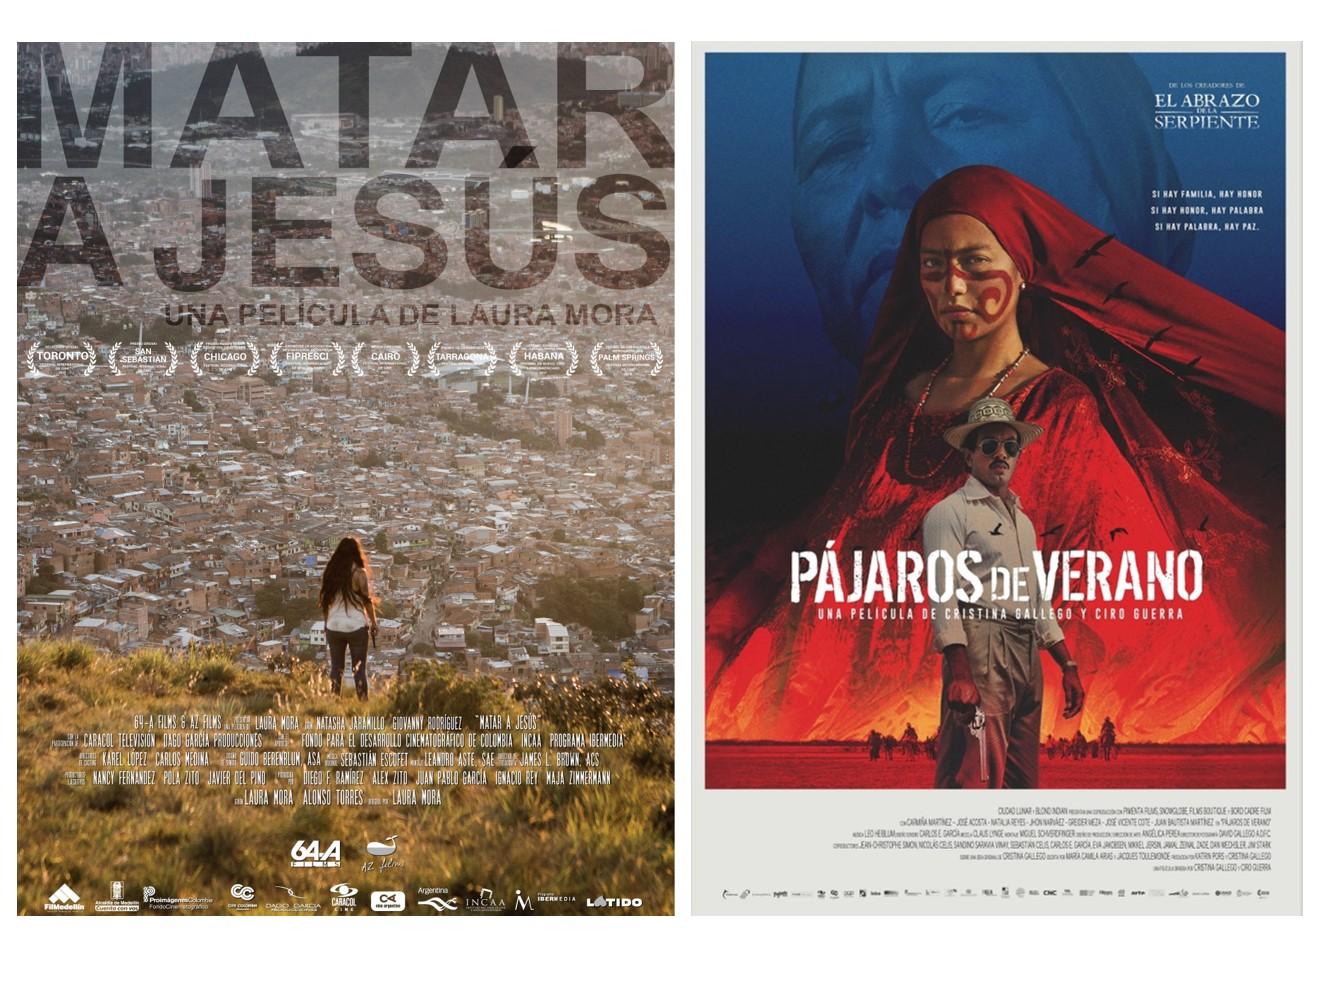 Películas apoyadas por Caracol Televisión representarán a Colombia en premios internacionales